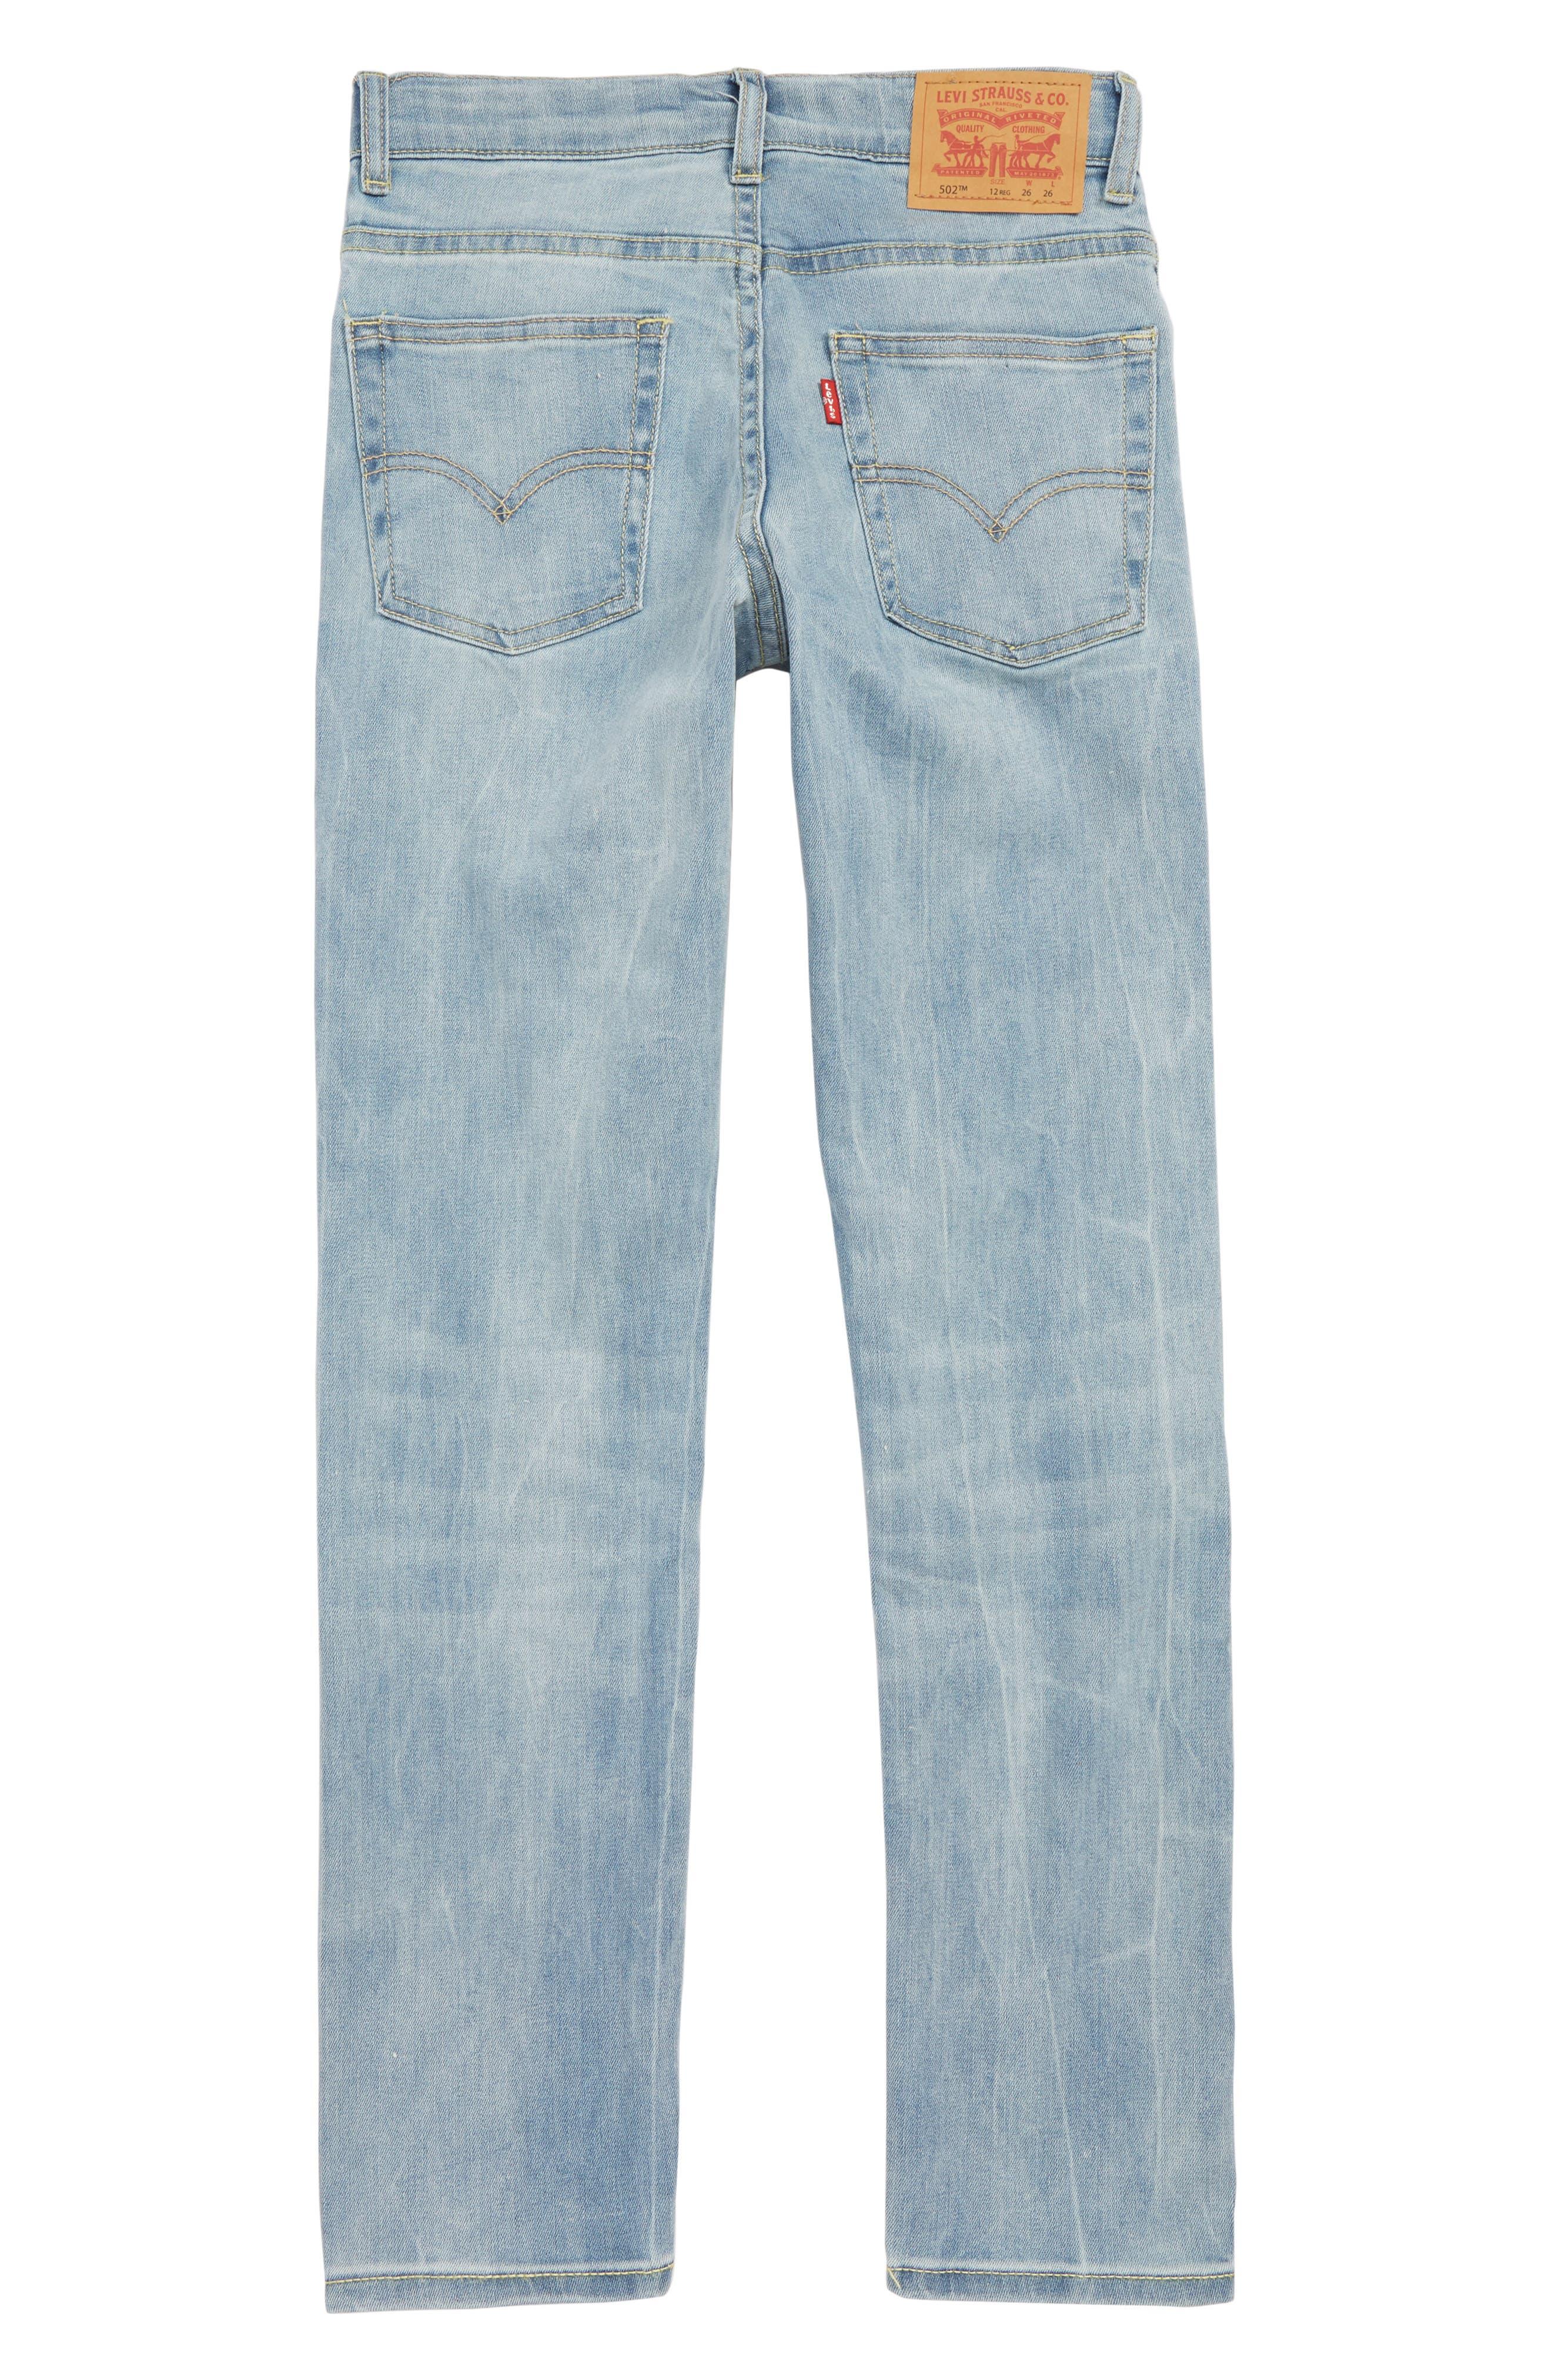 Levi's<sup>®</sup> 502<sup>™</sup> Regular Taper Jeans,                             Alternate thumbnail 2, color,                             YOSEMITE FALLS